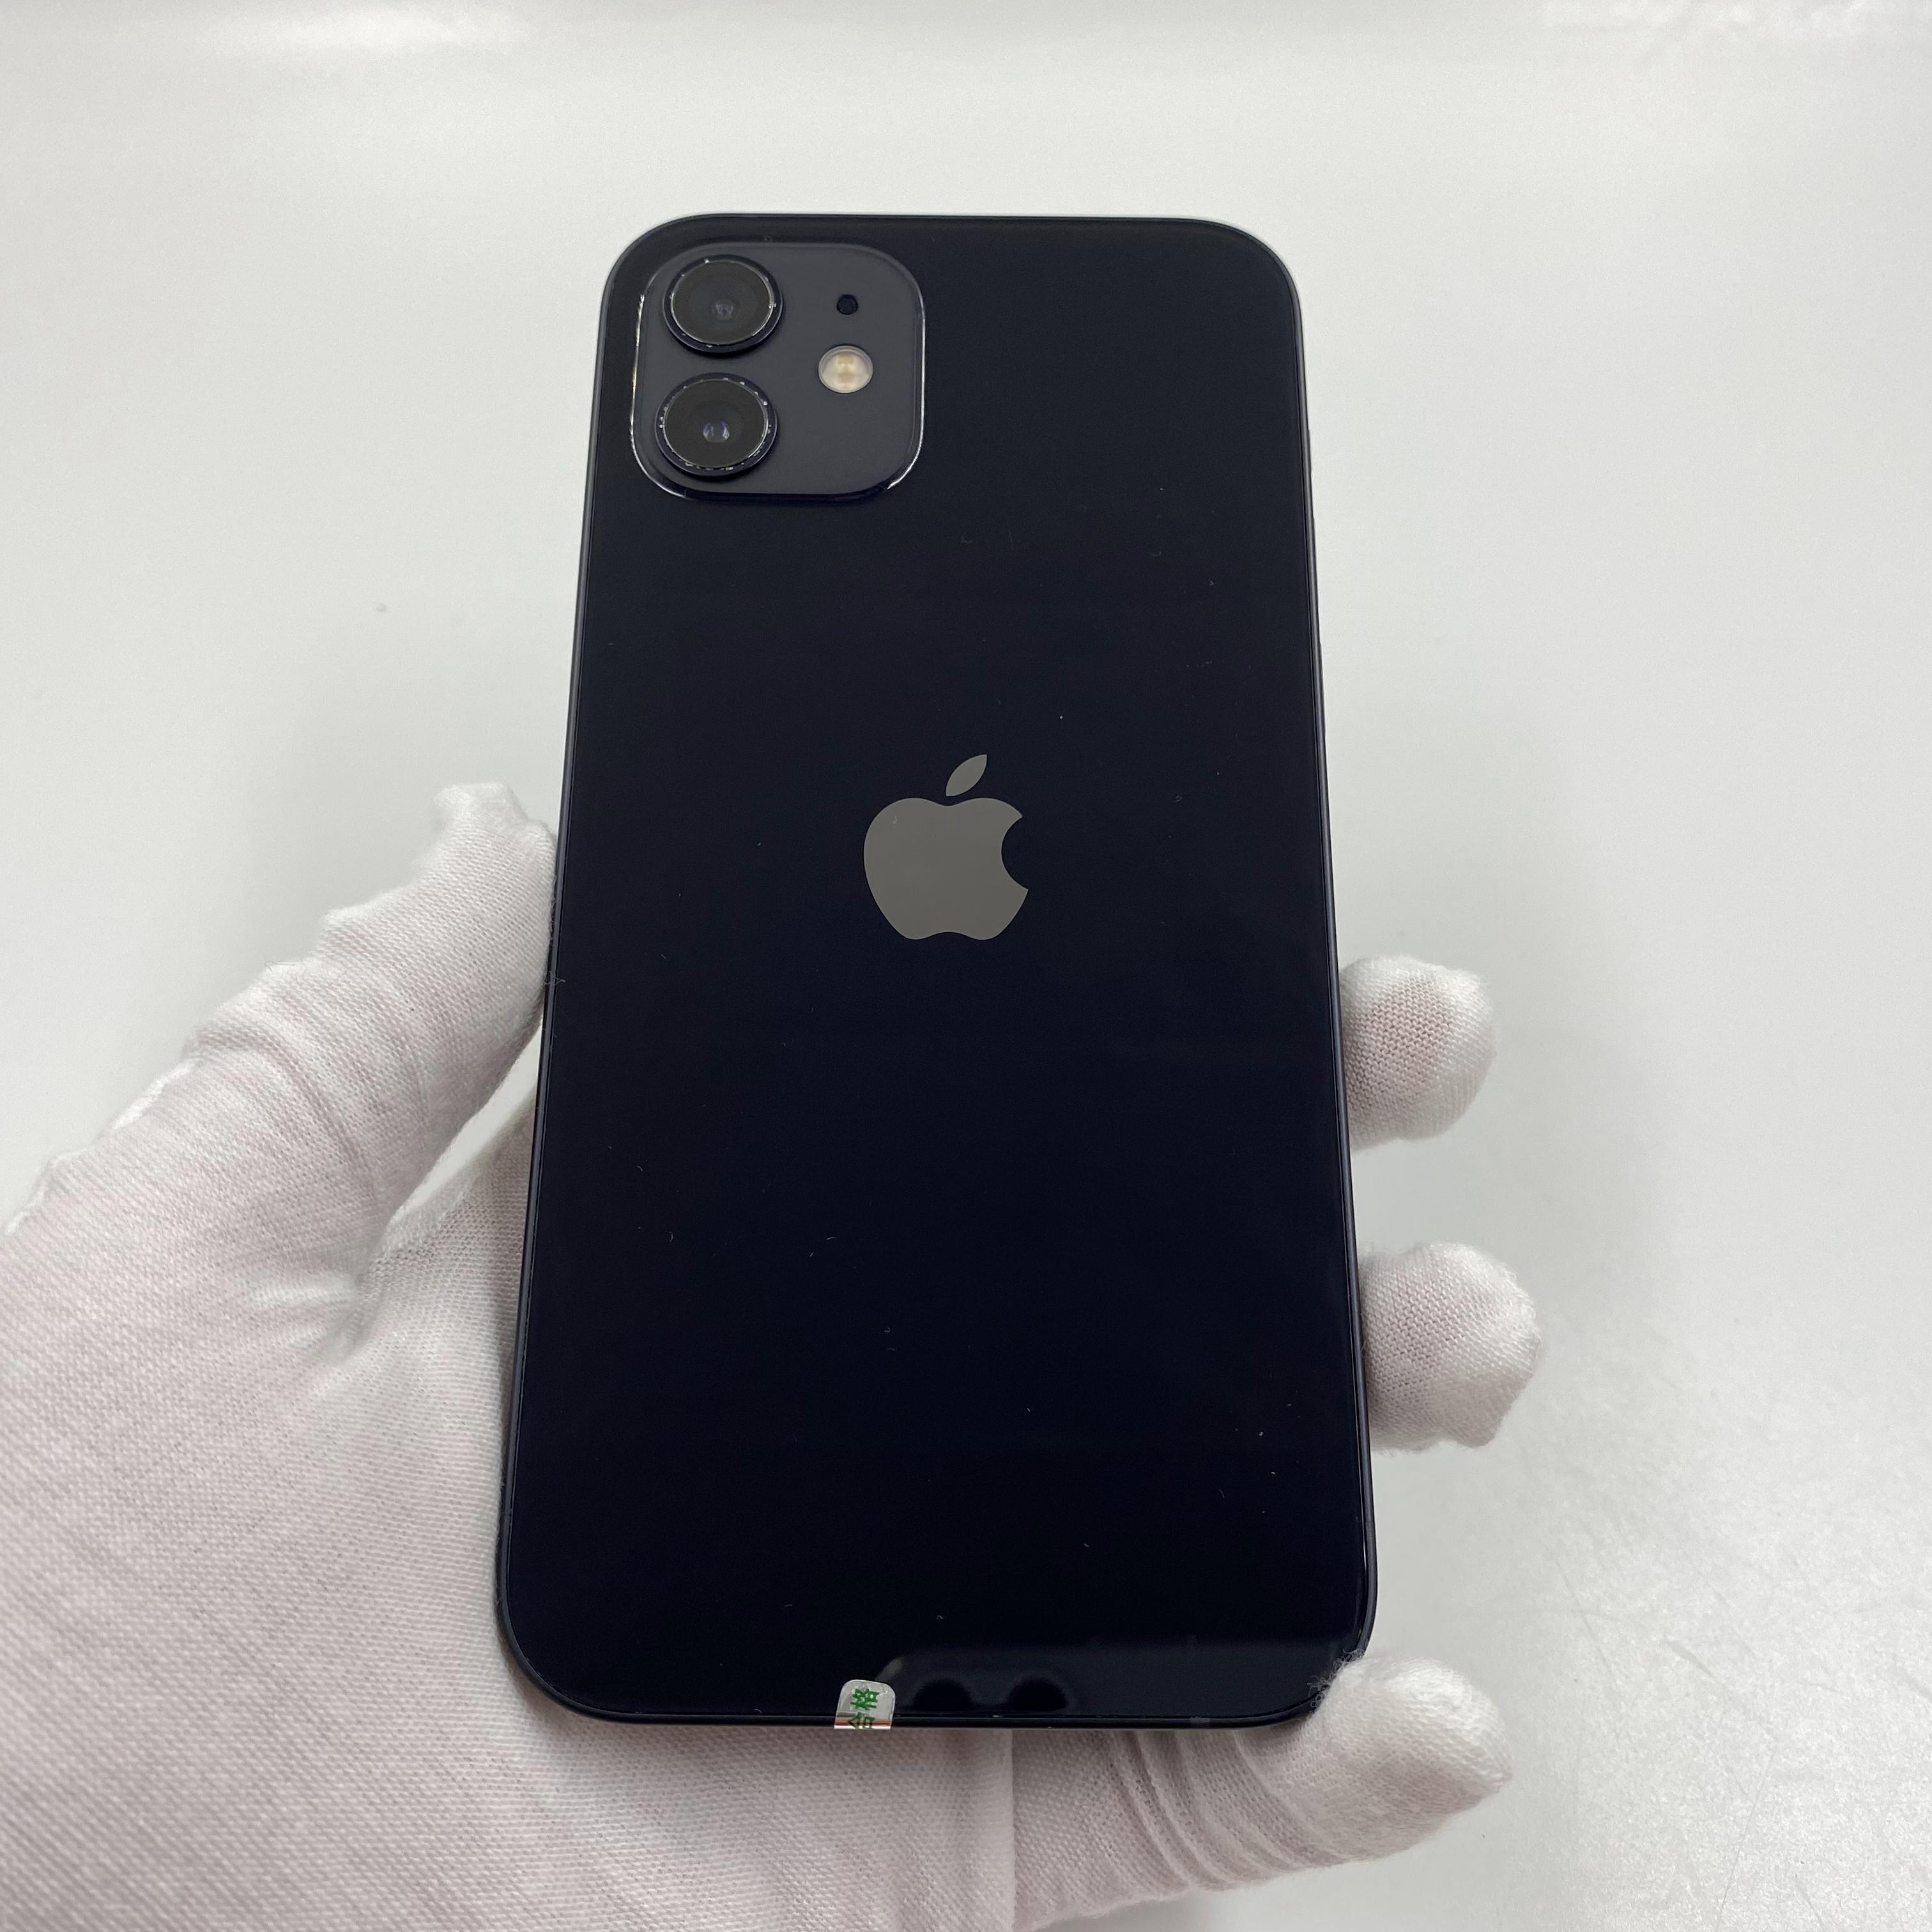 苹果【iPhone 12】5G全网通 黑色 64G 国行 8成新 真机实拍官保2021-11-02